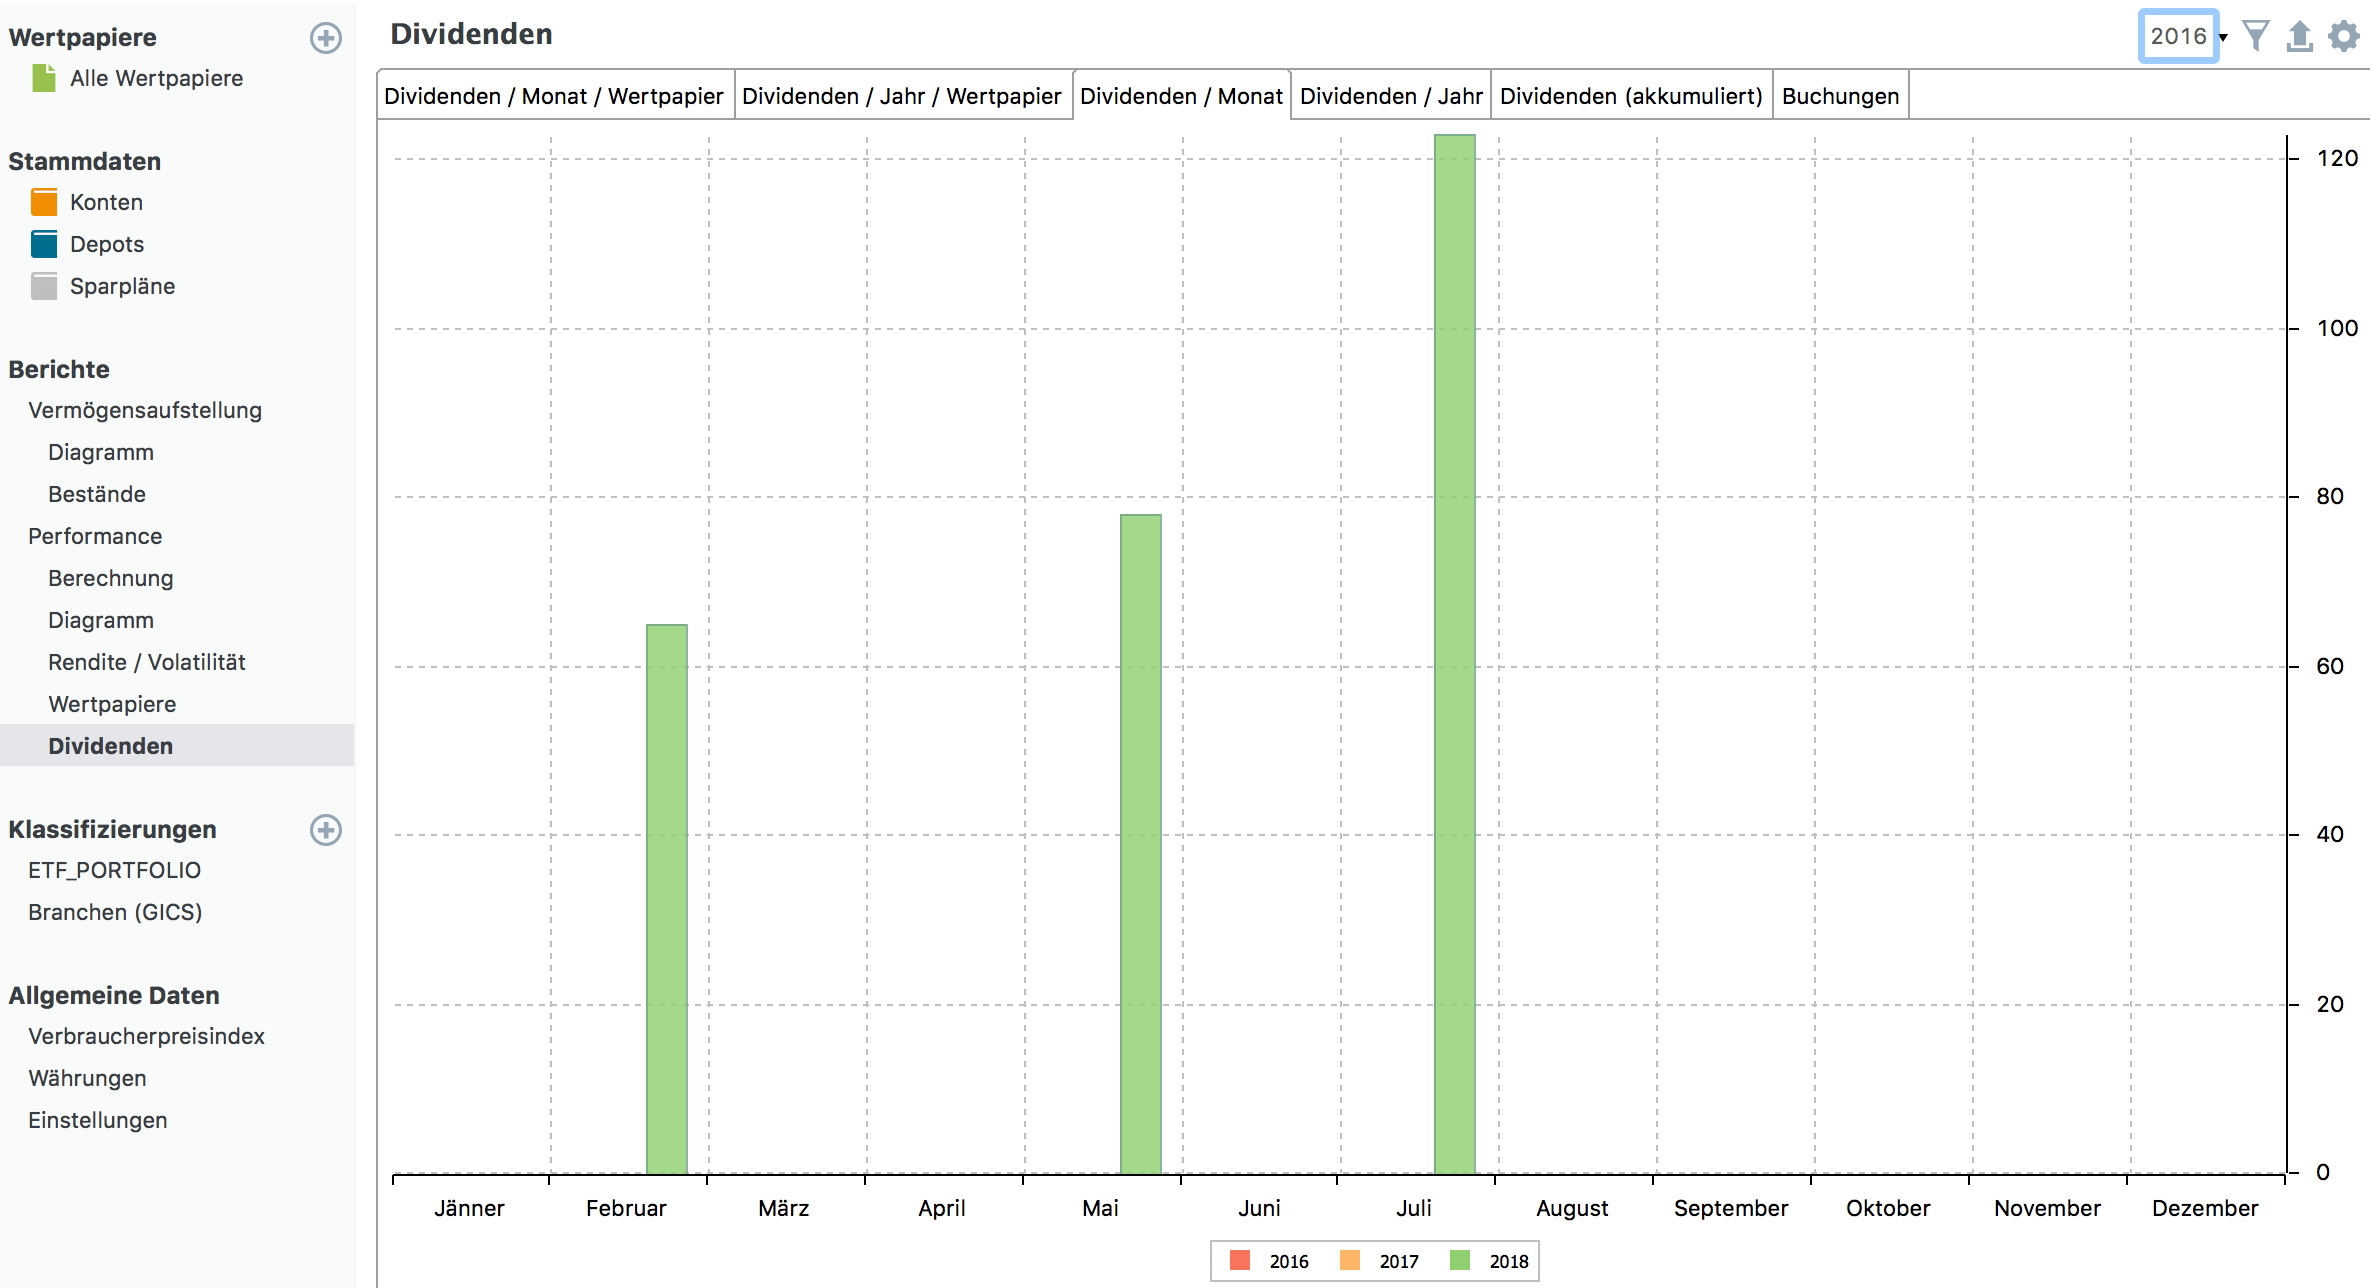 portfolio performance dividendenübersicht